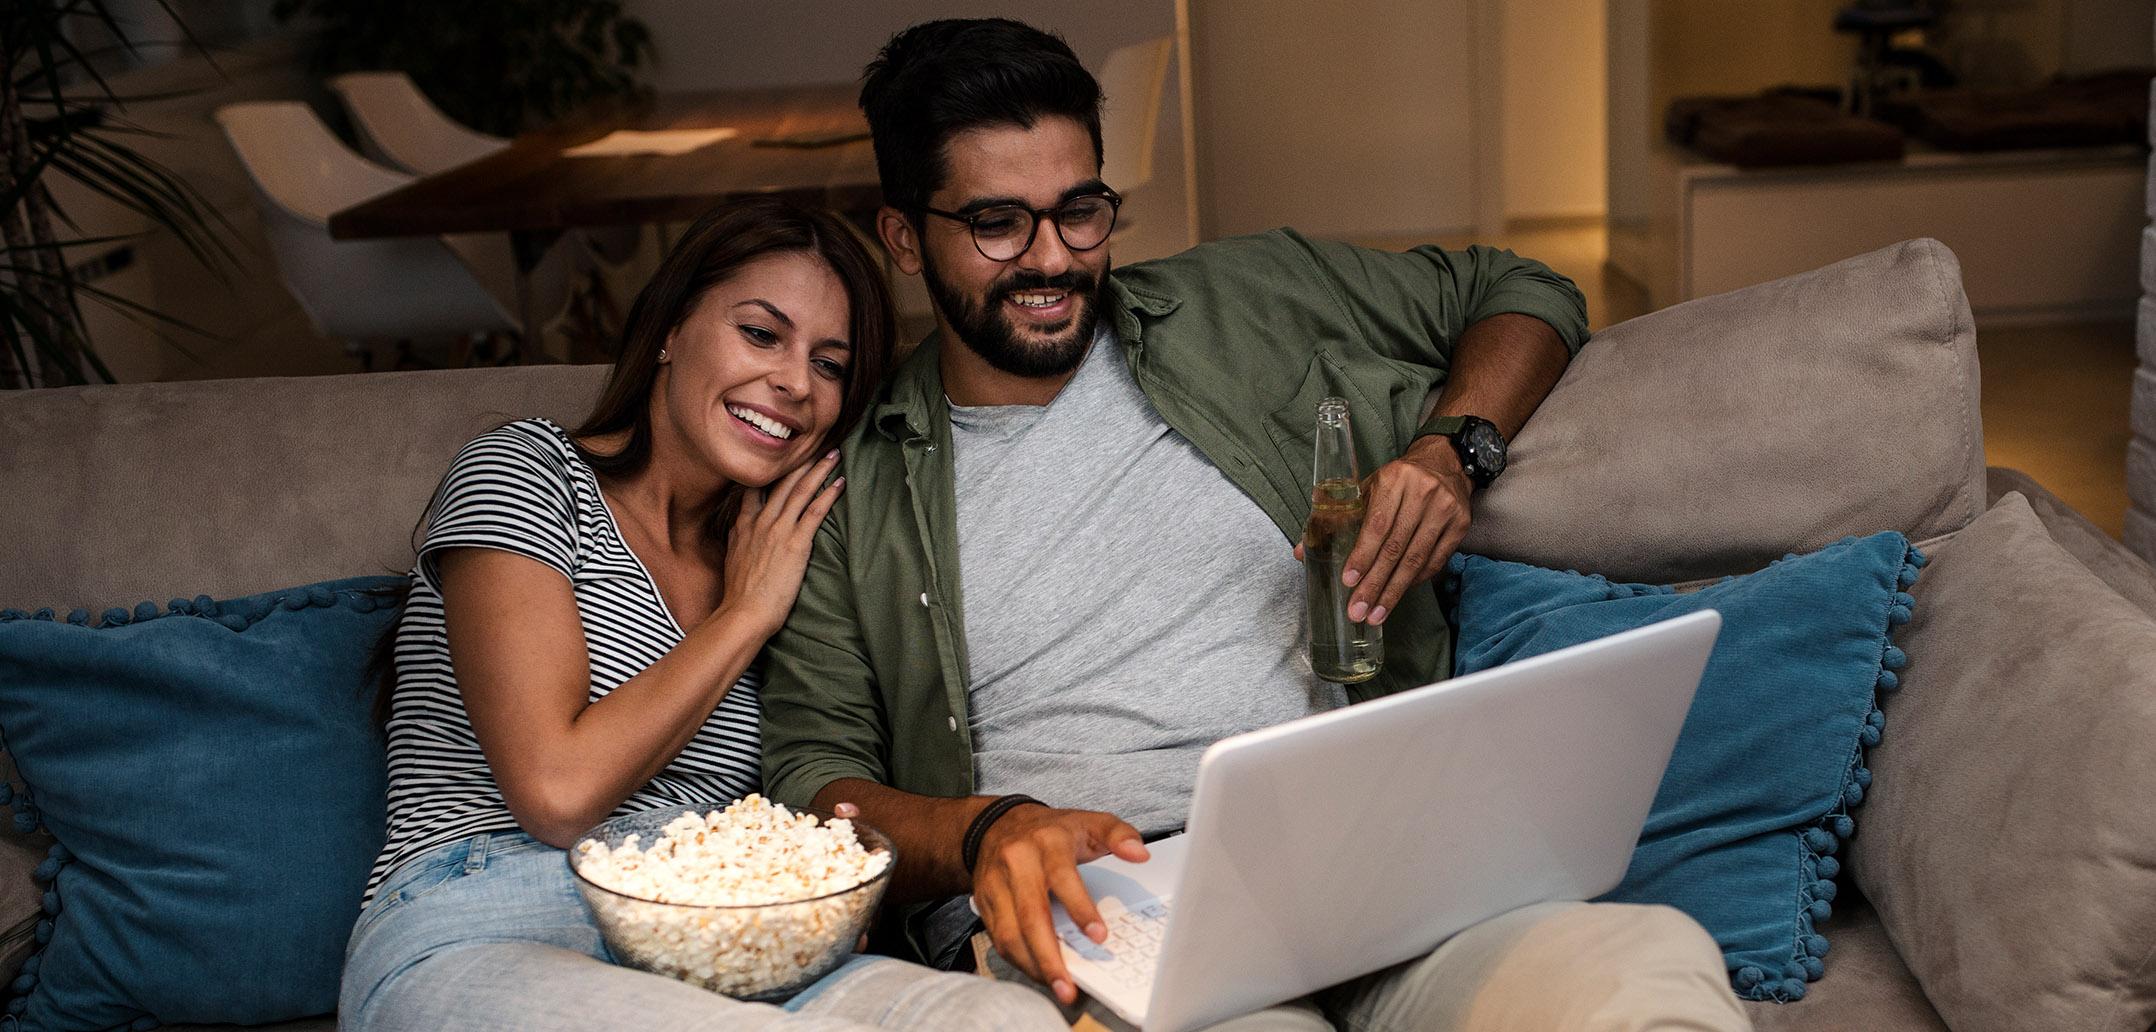 Mann und Frau schauen gemeinsam einen Film